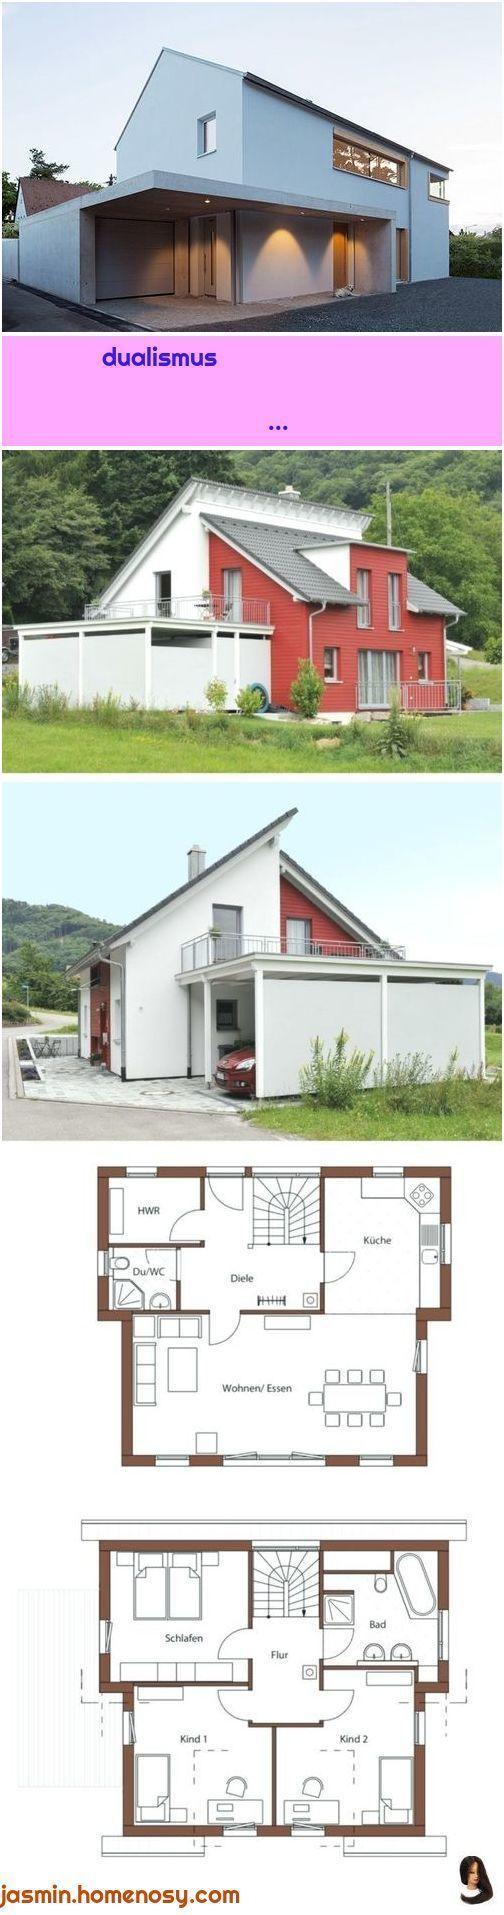 dualismus 1. Architektur Carport Einzelhaus